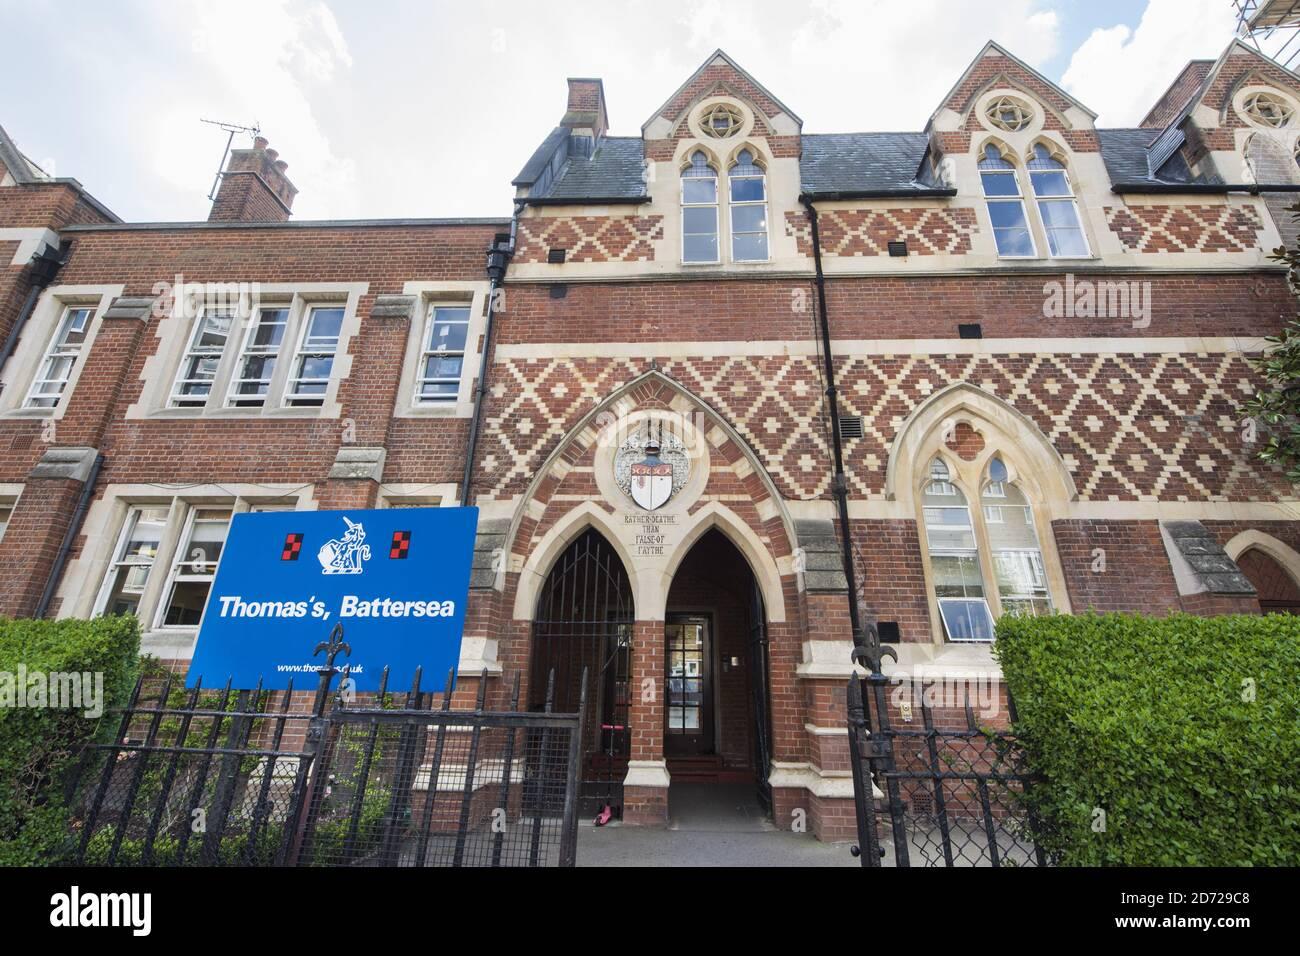 Vista general de la escuela de St Thomas en Battersea, Londres. El duque y la duquesa de Cambridge enviarán a su hijo, George, a la escuela a partir de septiembre de este año. Foto fecha: Martes 28 de marzo de 2017. El crédito de la foto debe decir: Matt Crossick/ EMPICS Entertainment. Foto de stock